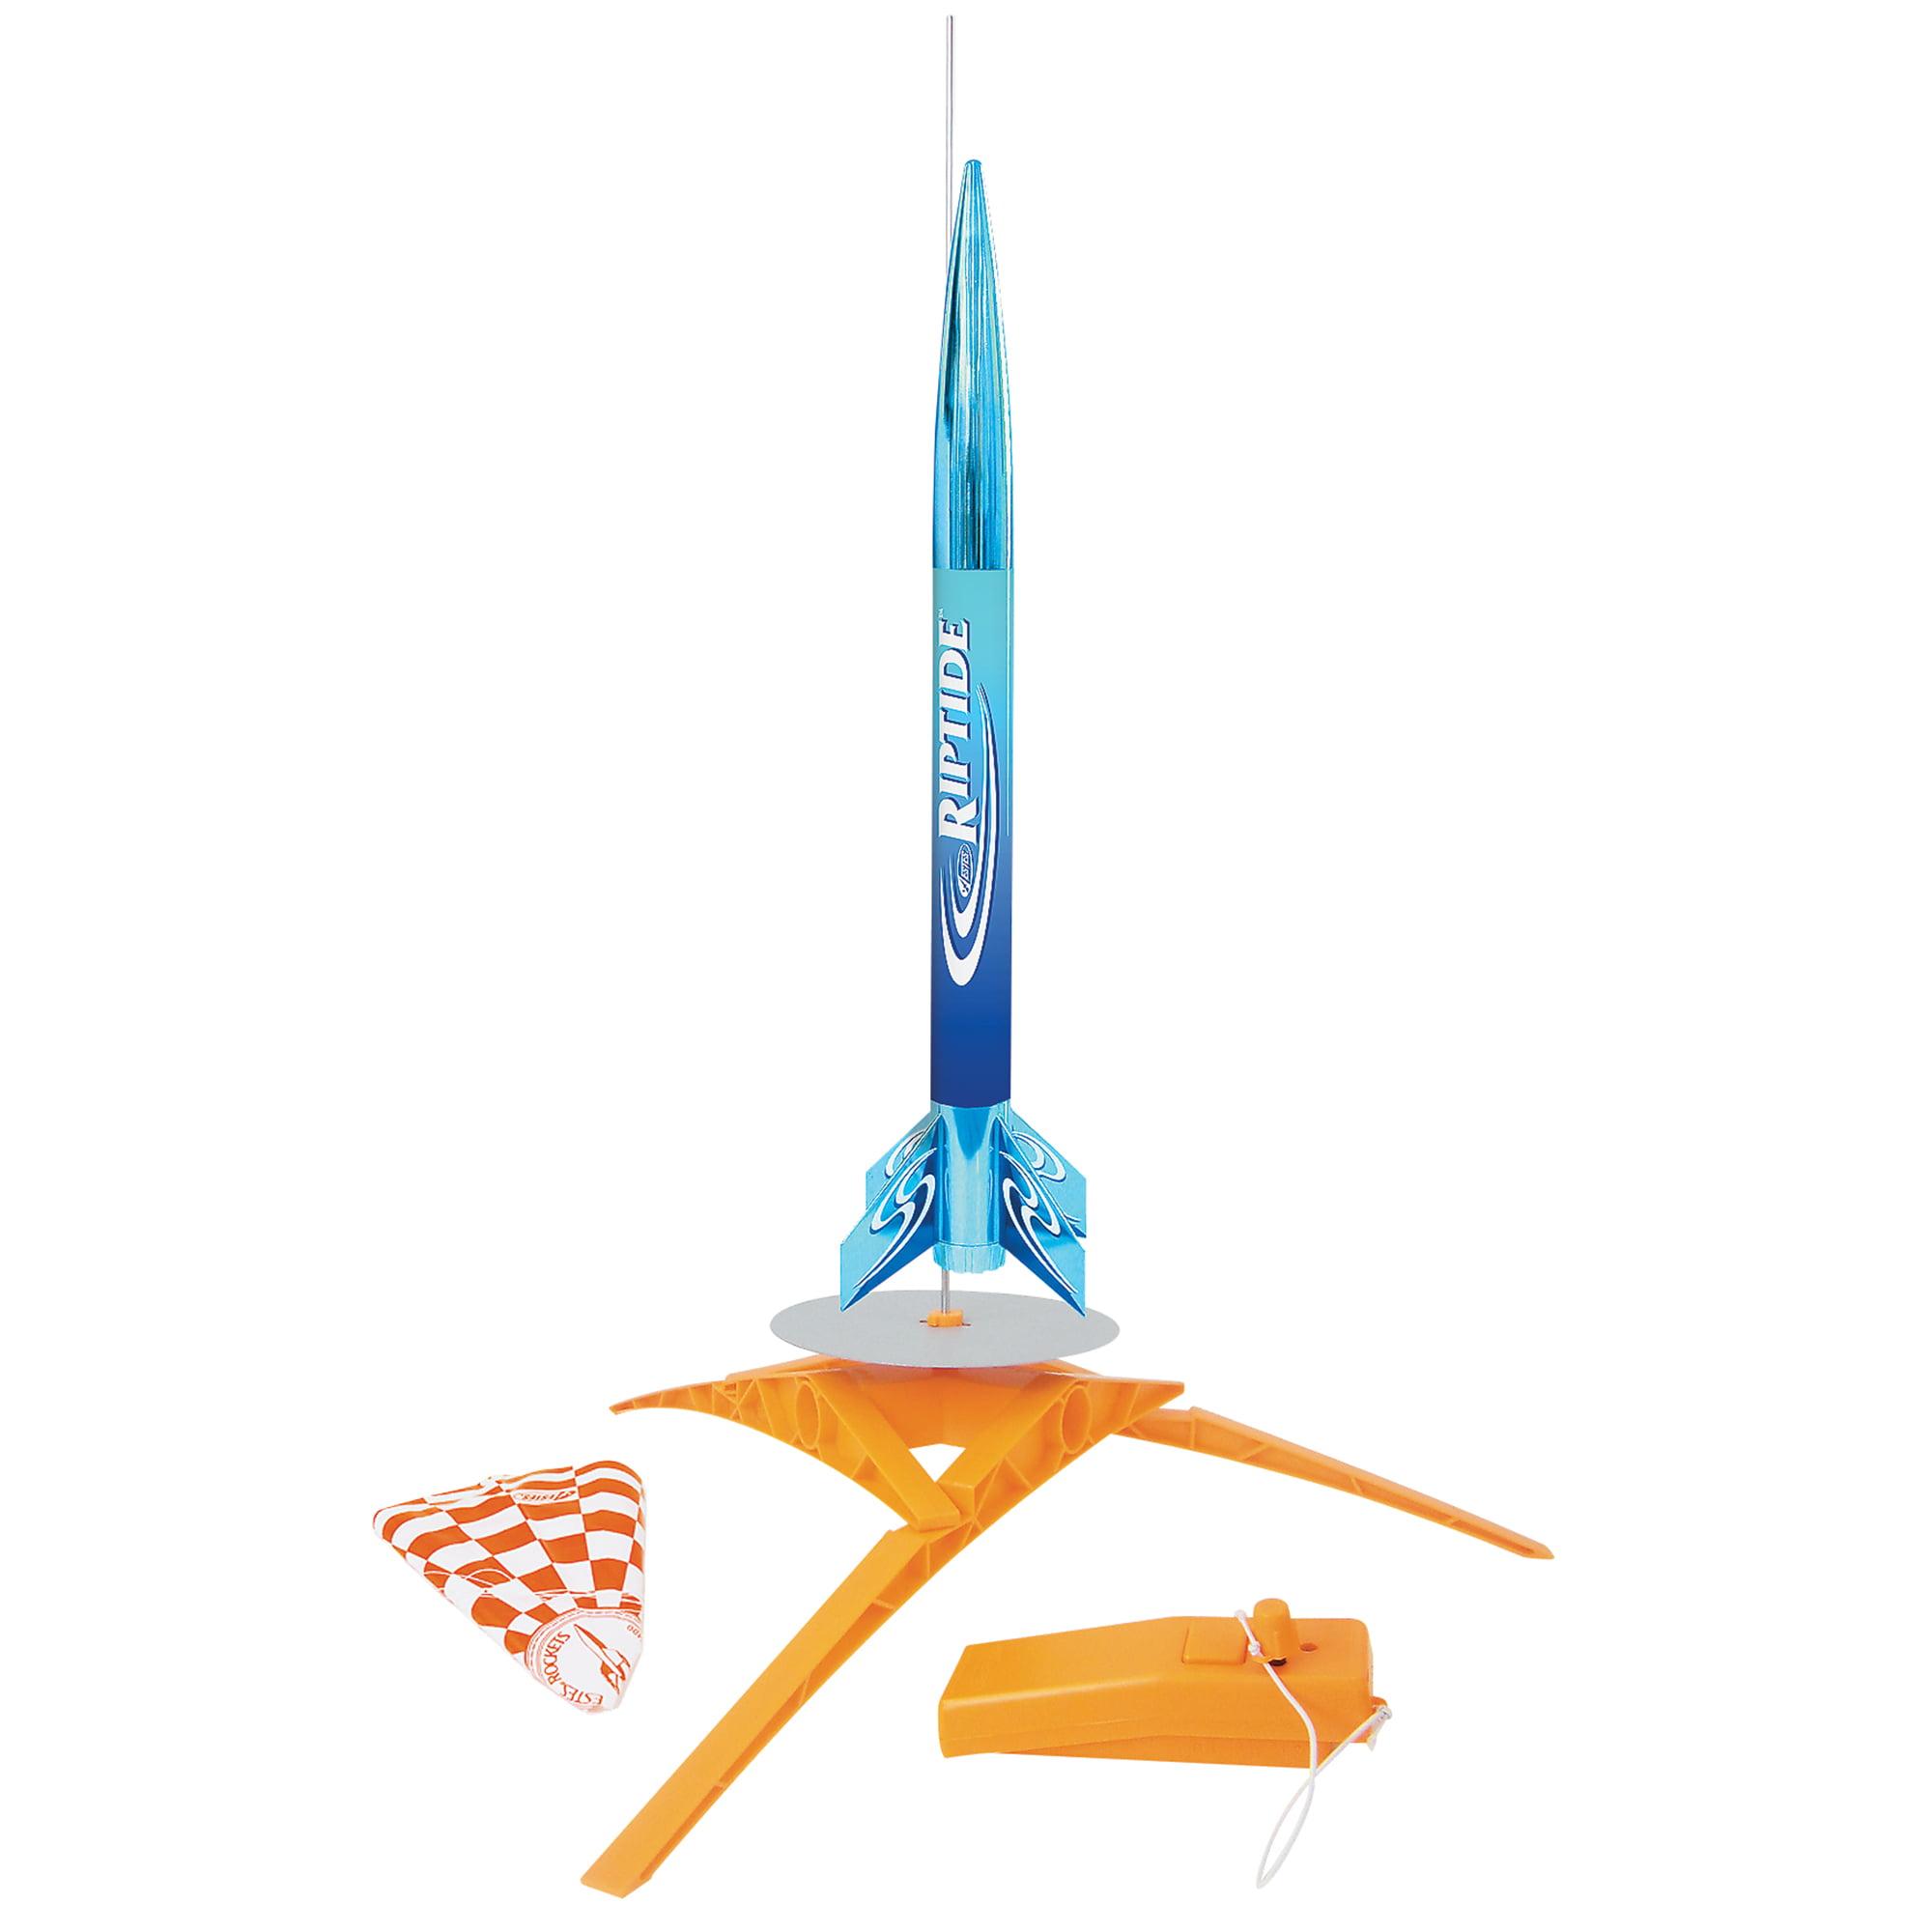 Estes Riptide Flying Model Rocket Launch Set by Estes-Cox Corp.